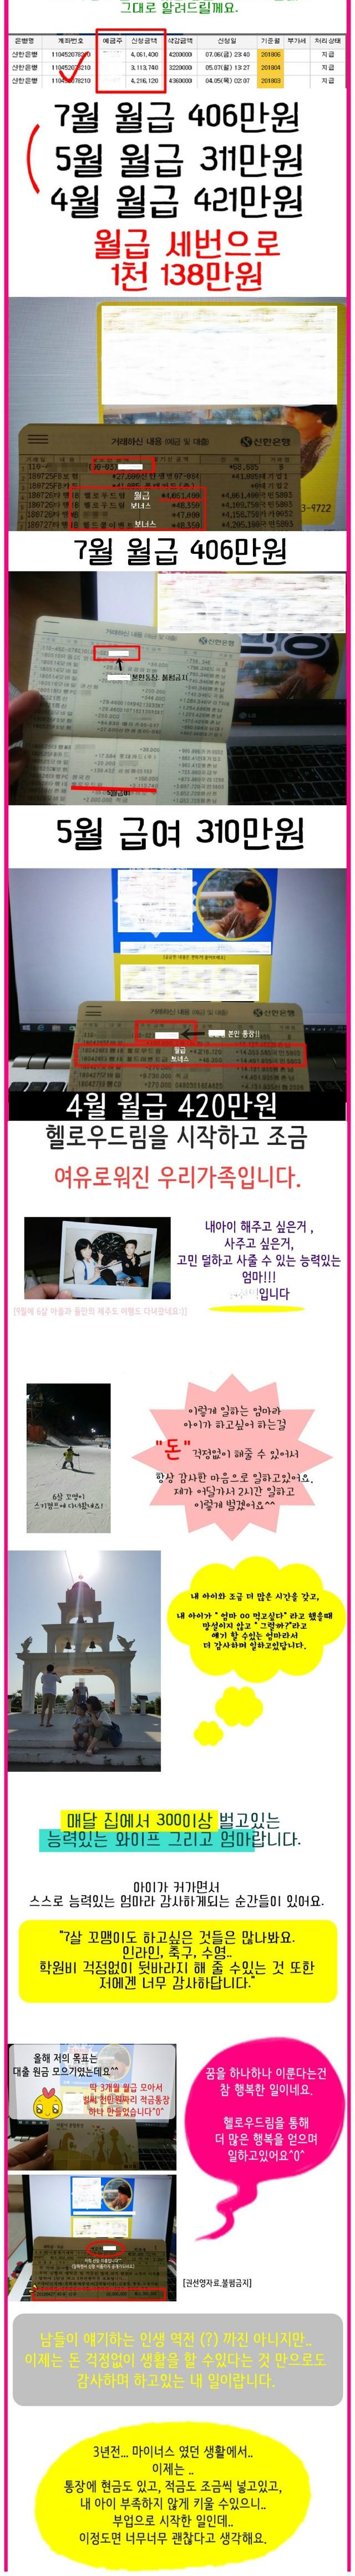 권선영(201534)무지개맘_2.jpg